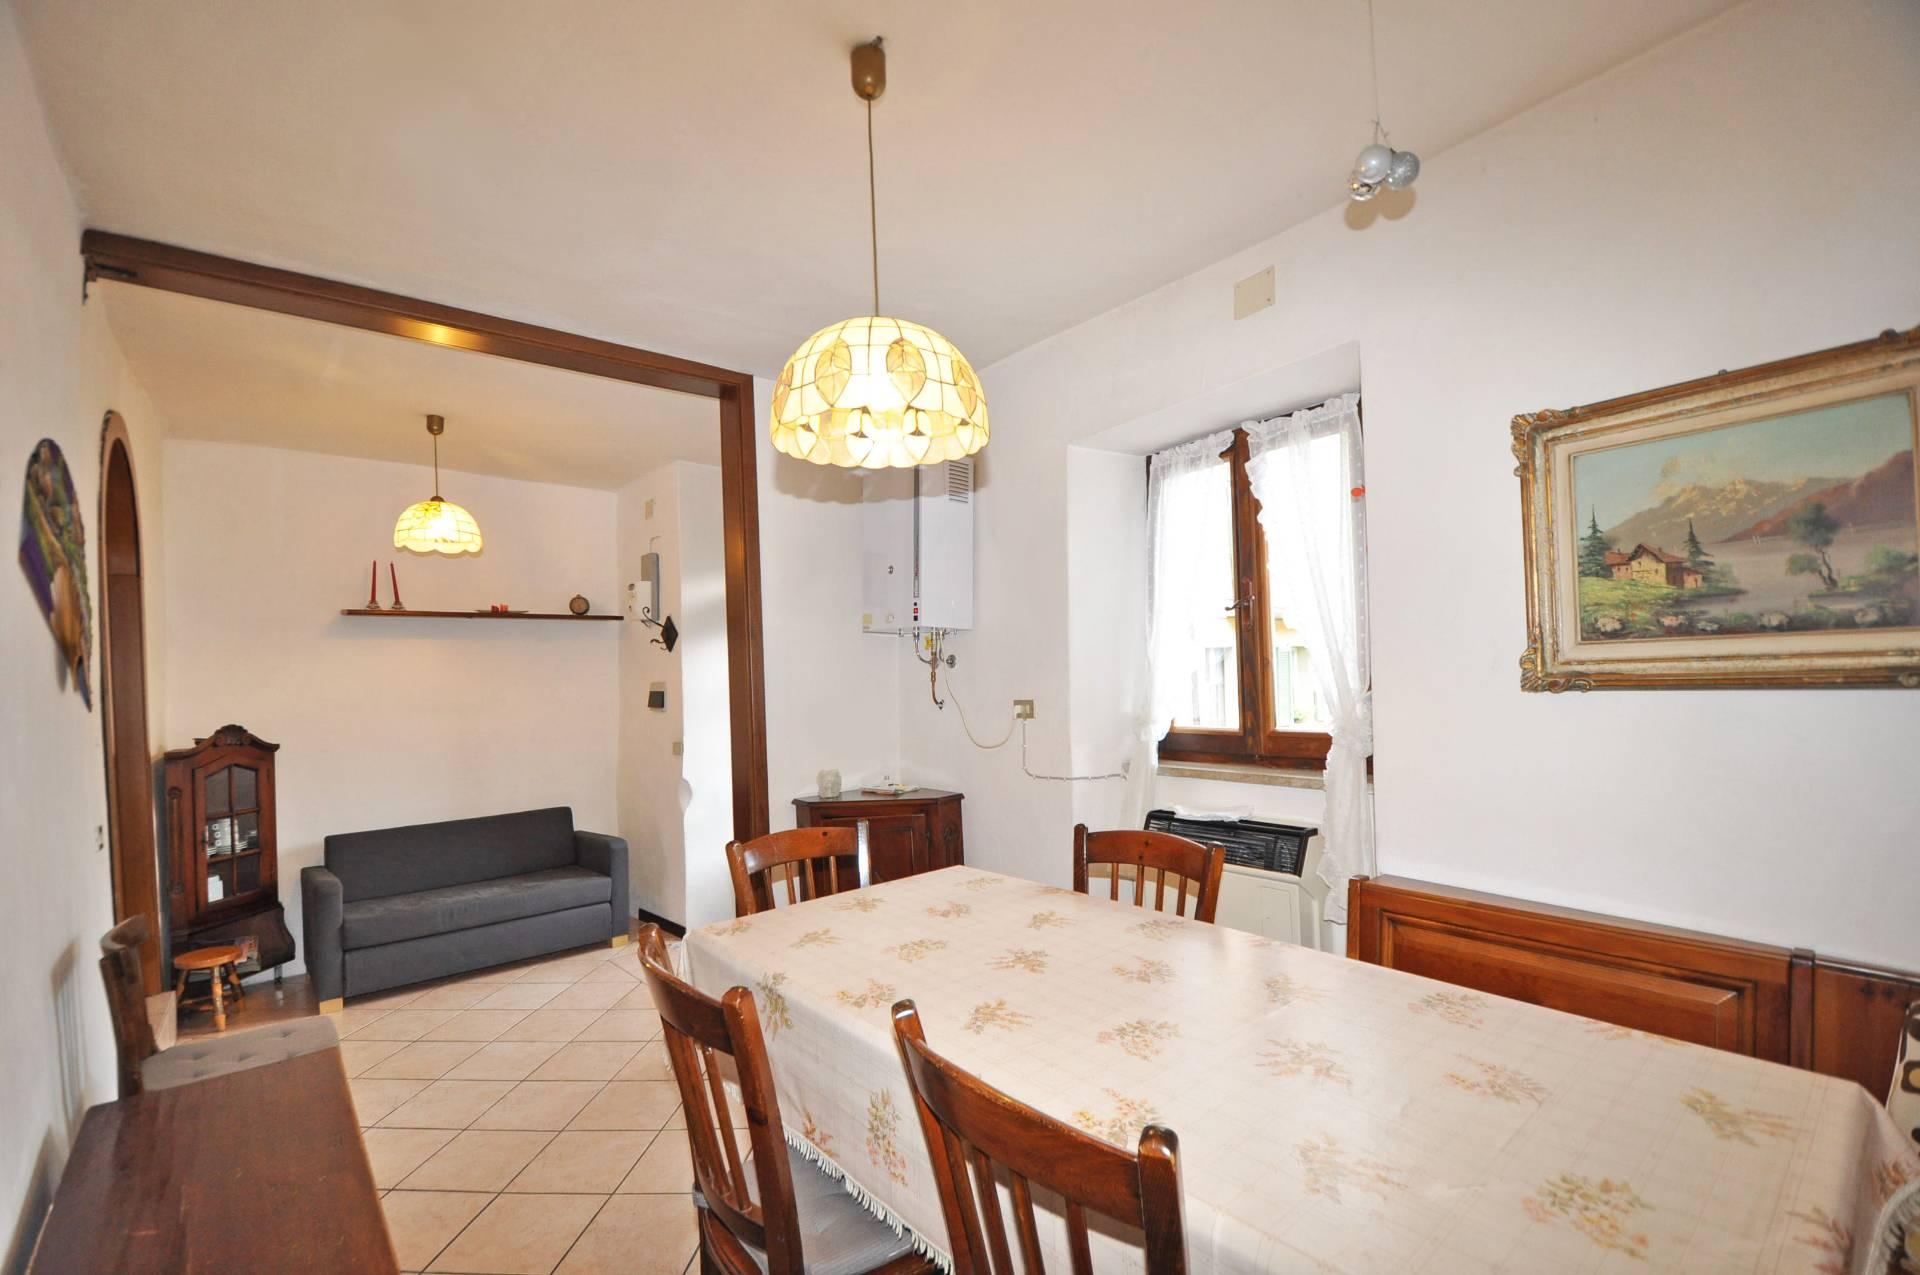 Appartamento in vendita a Ornica, 5 locali, prezzo € 59.000 | Cambio Casa.it